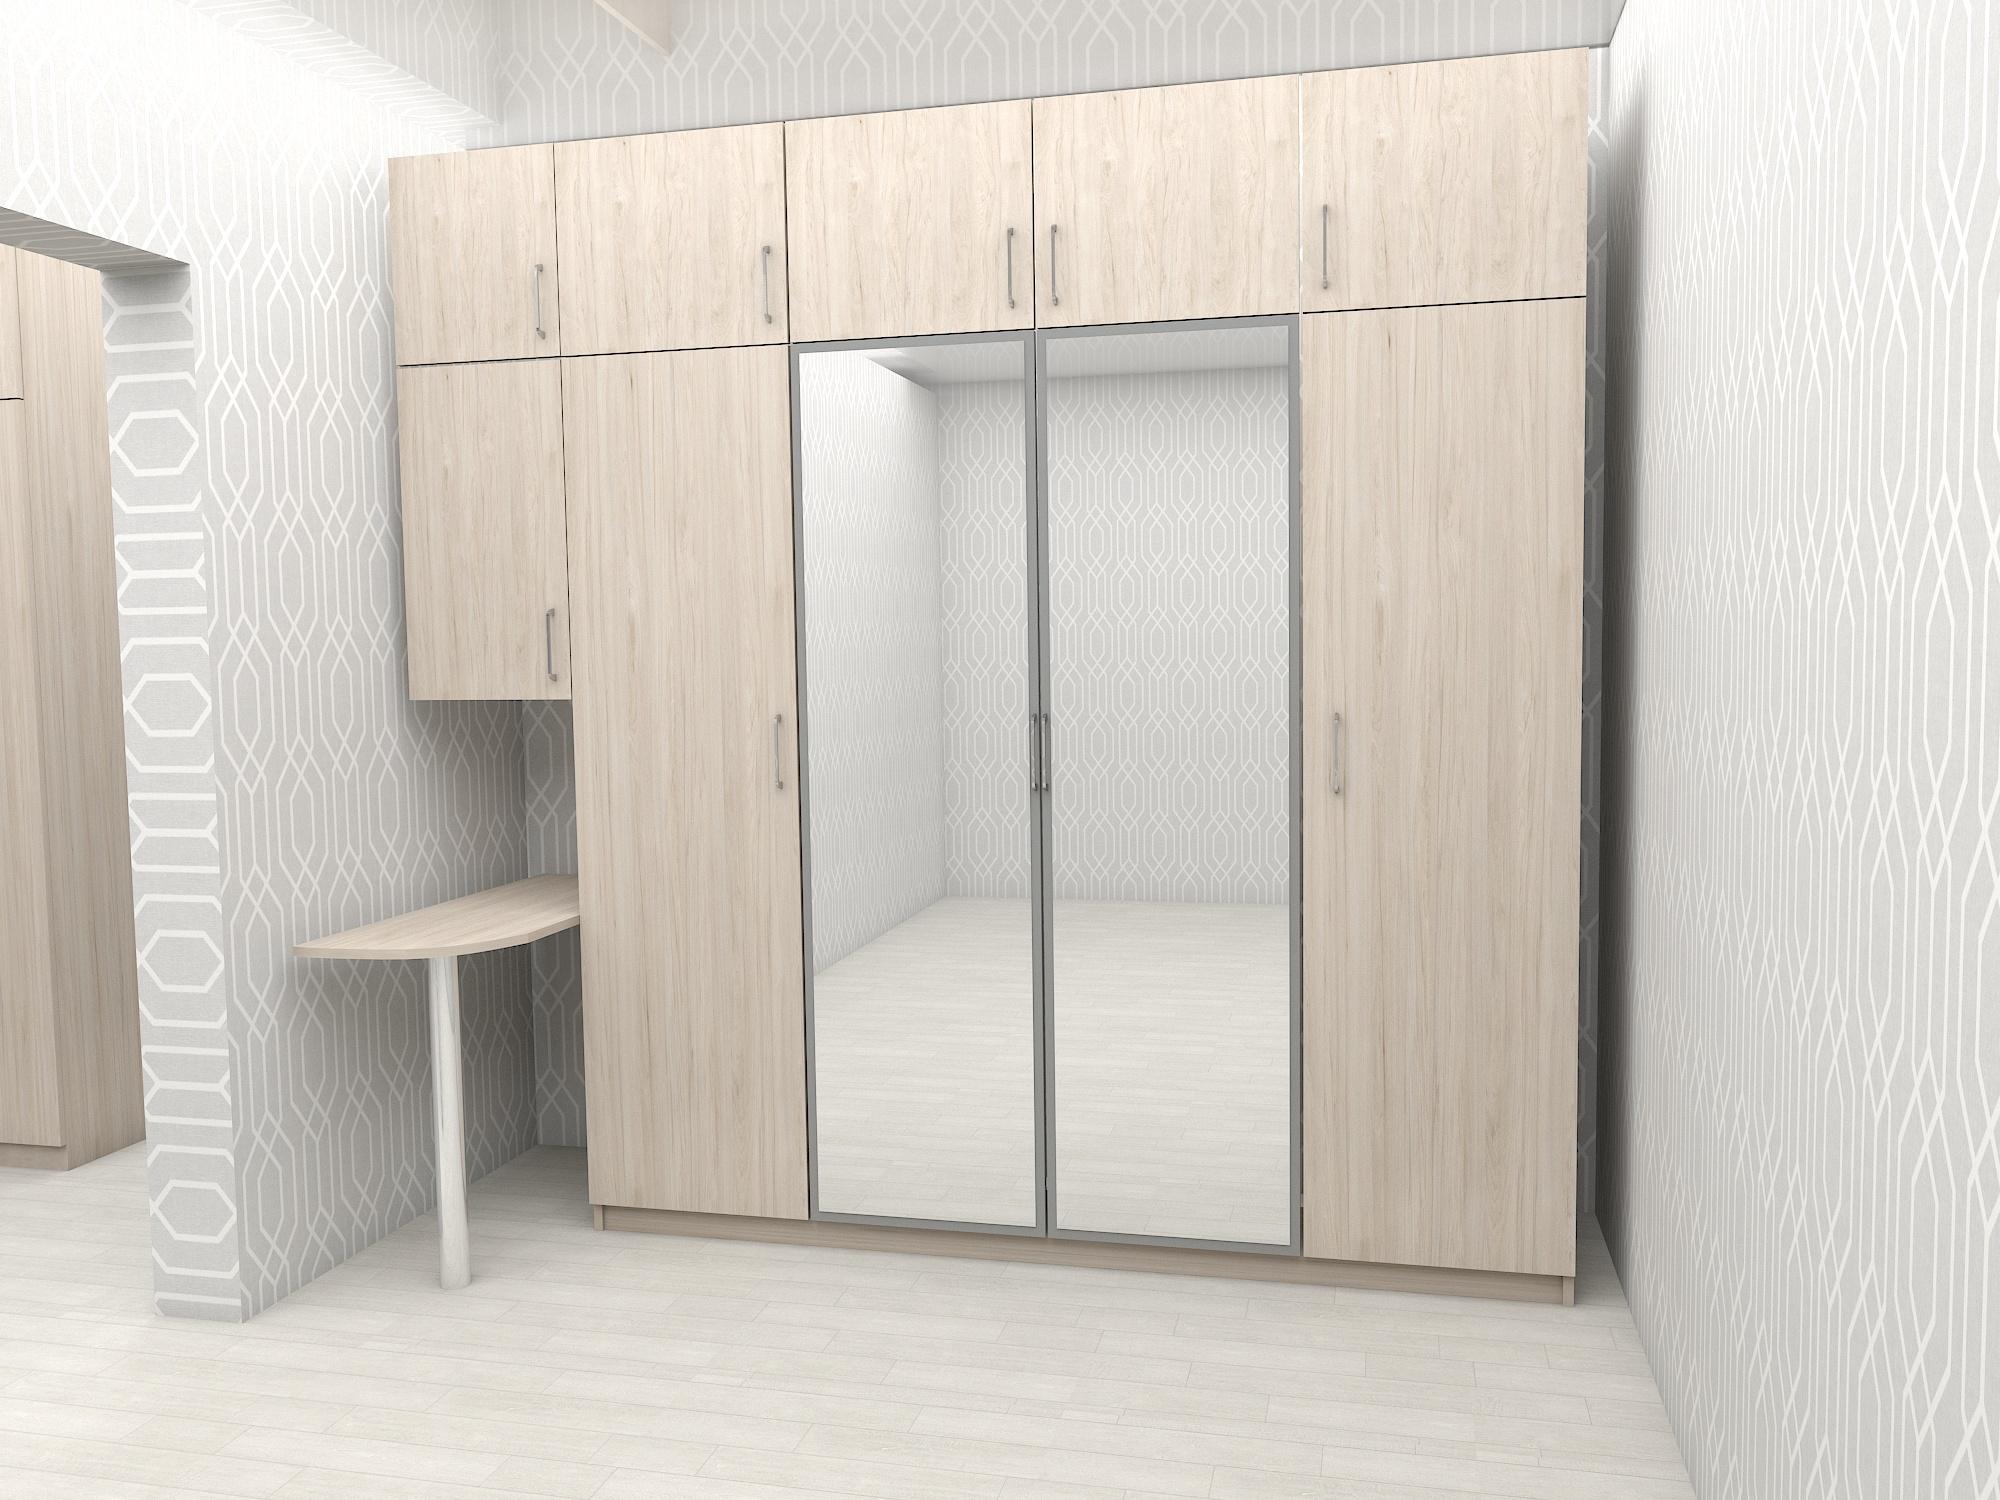 swingcabinet2